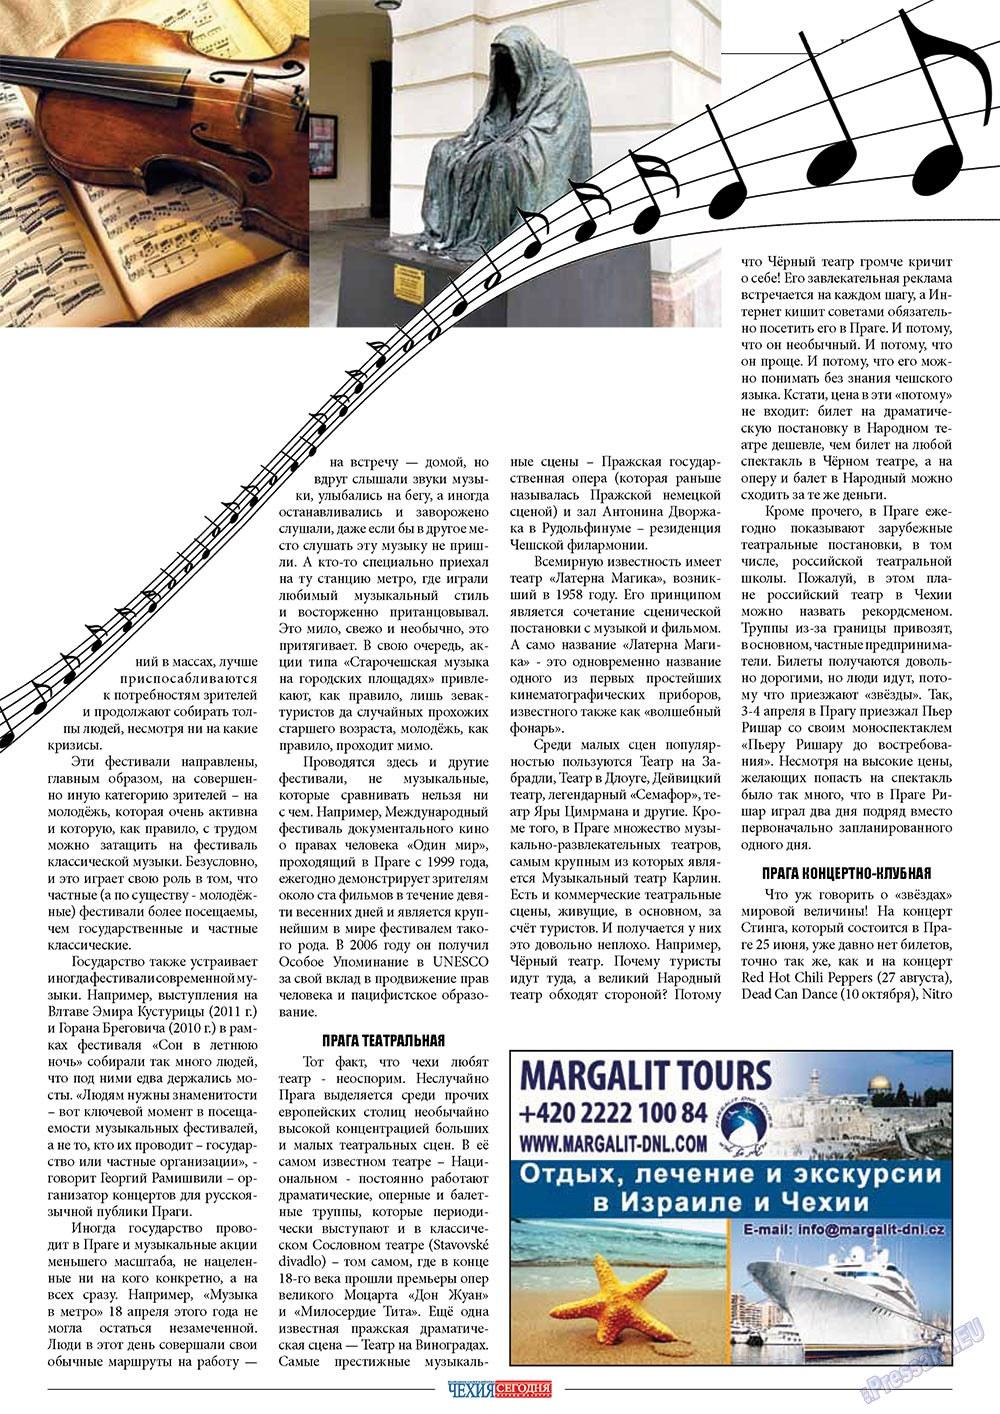 Чехия сегодня (журнал). 2012 год, номер 169, стр. 17